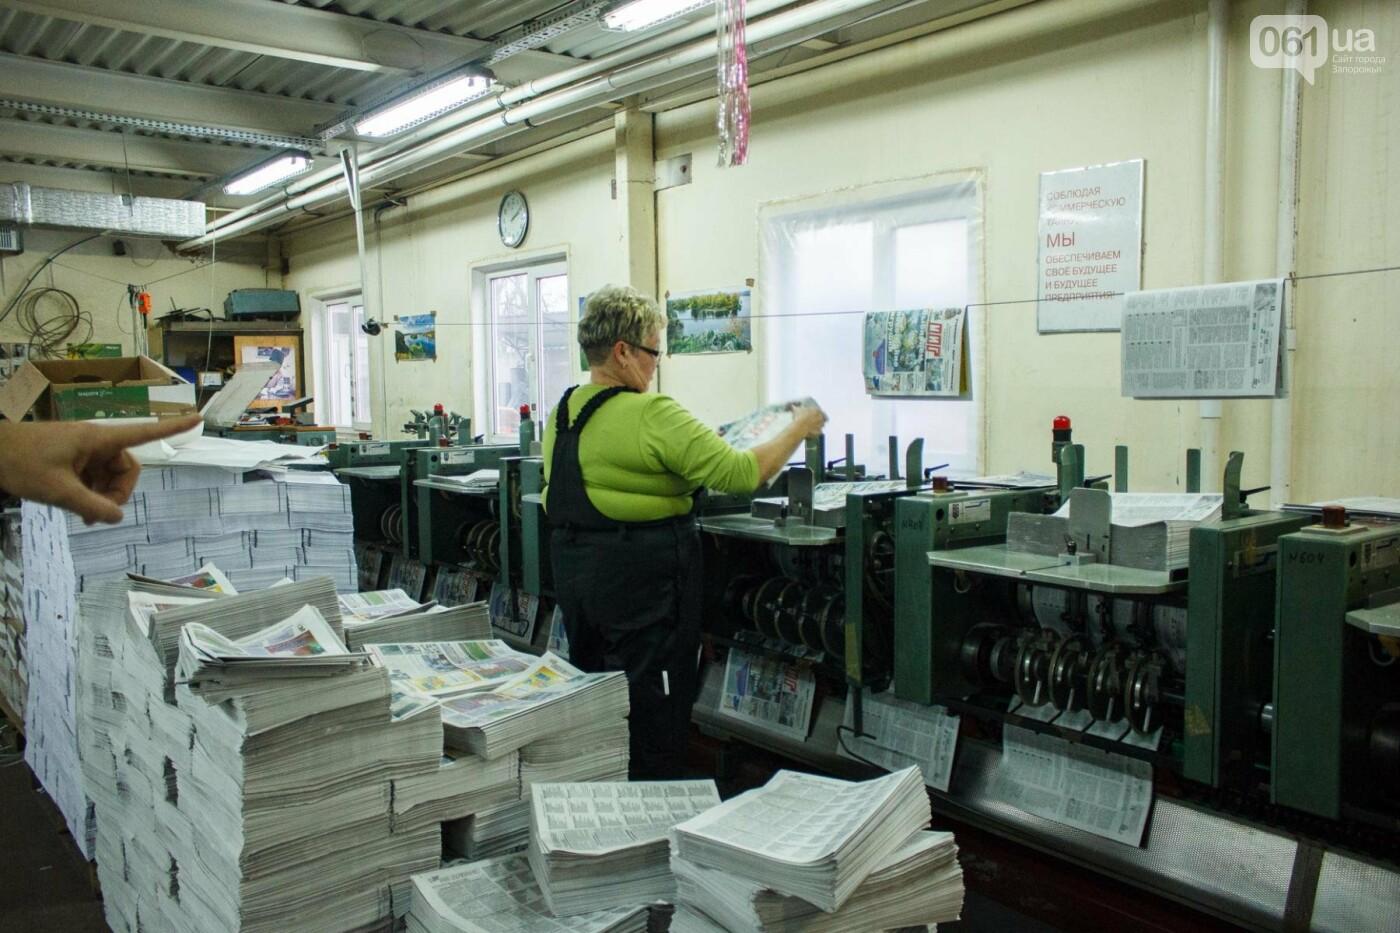 Как в Запорожье печатают газеты: экскурсия в типографию, - ФОТО, ВИДЕО, фото-24